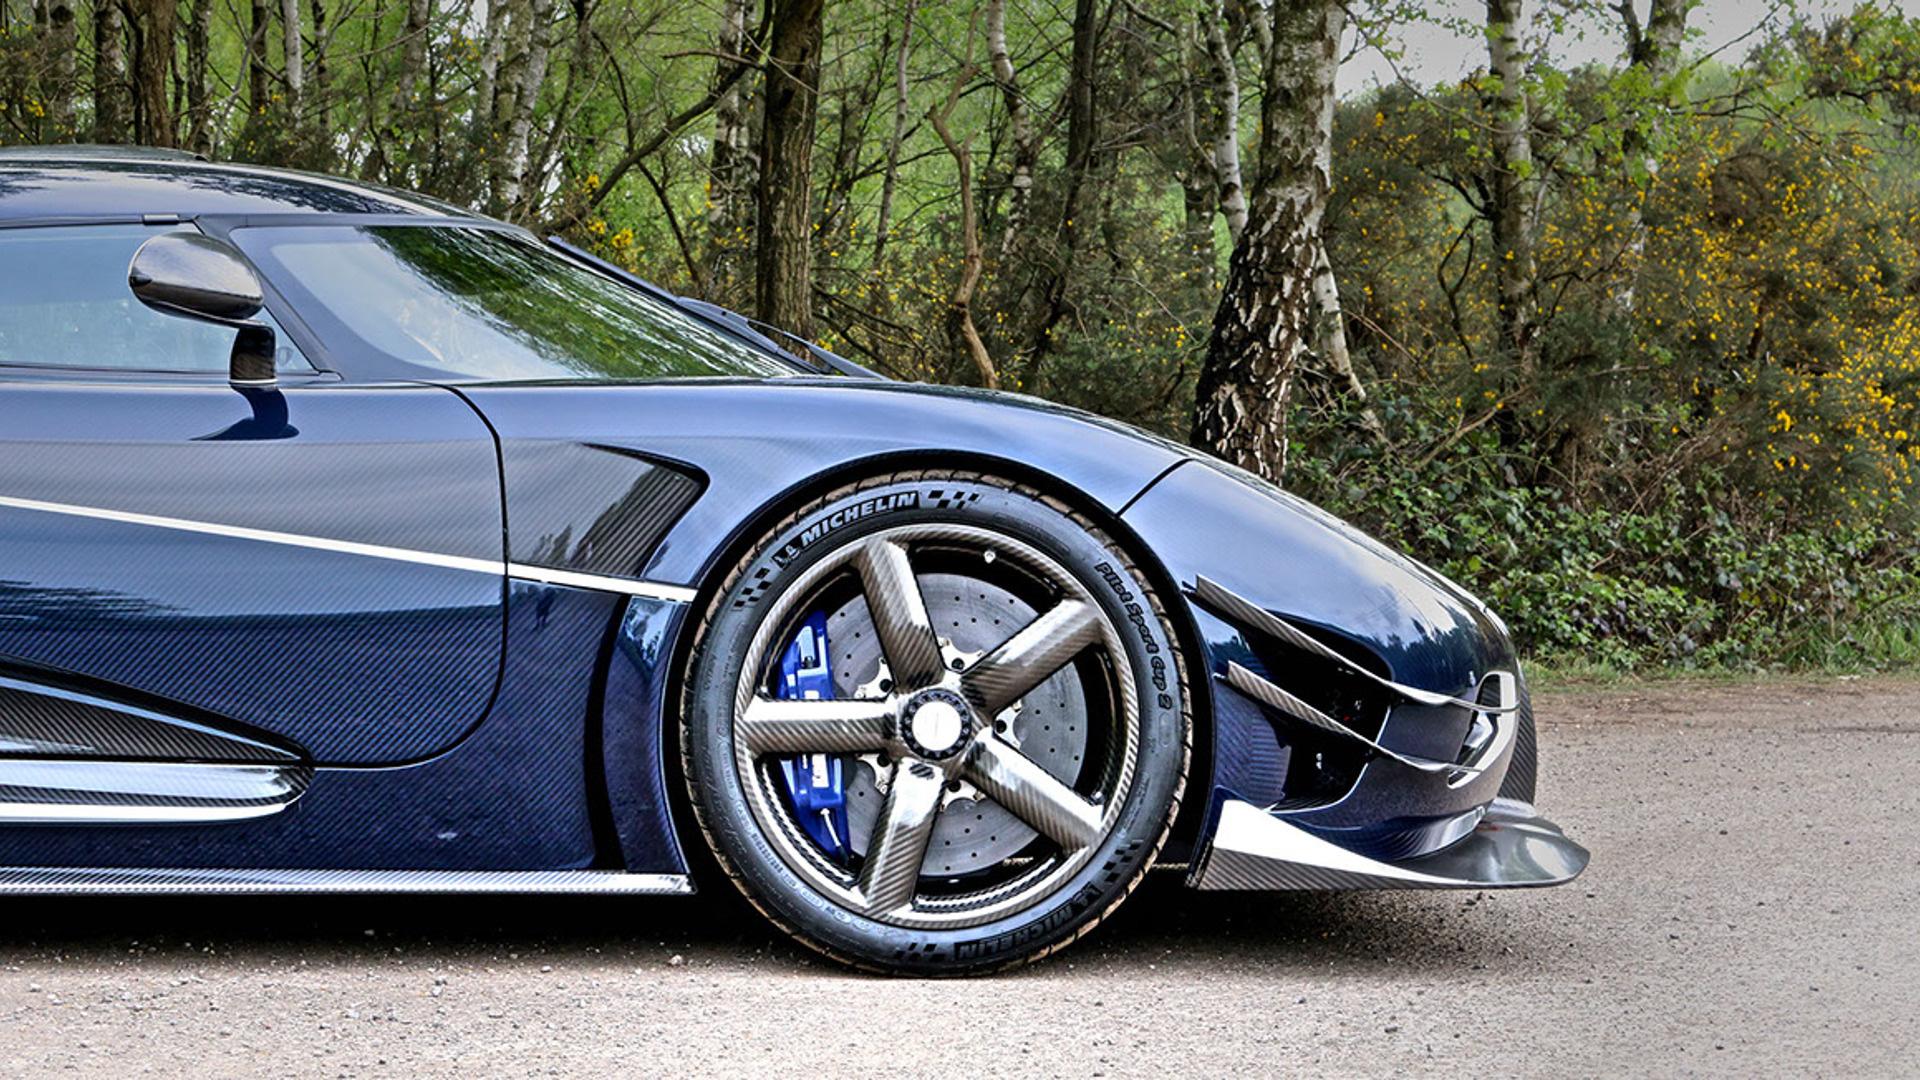 Cận cảnh siêu xe cũ rao bán giá hơn trăm tỷ đồng - Ảnh 12.